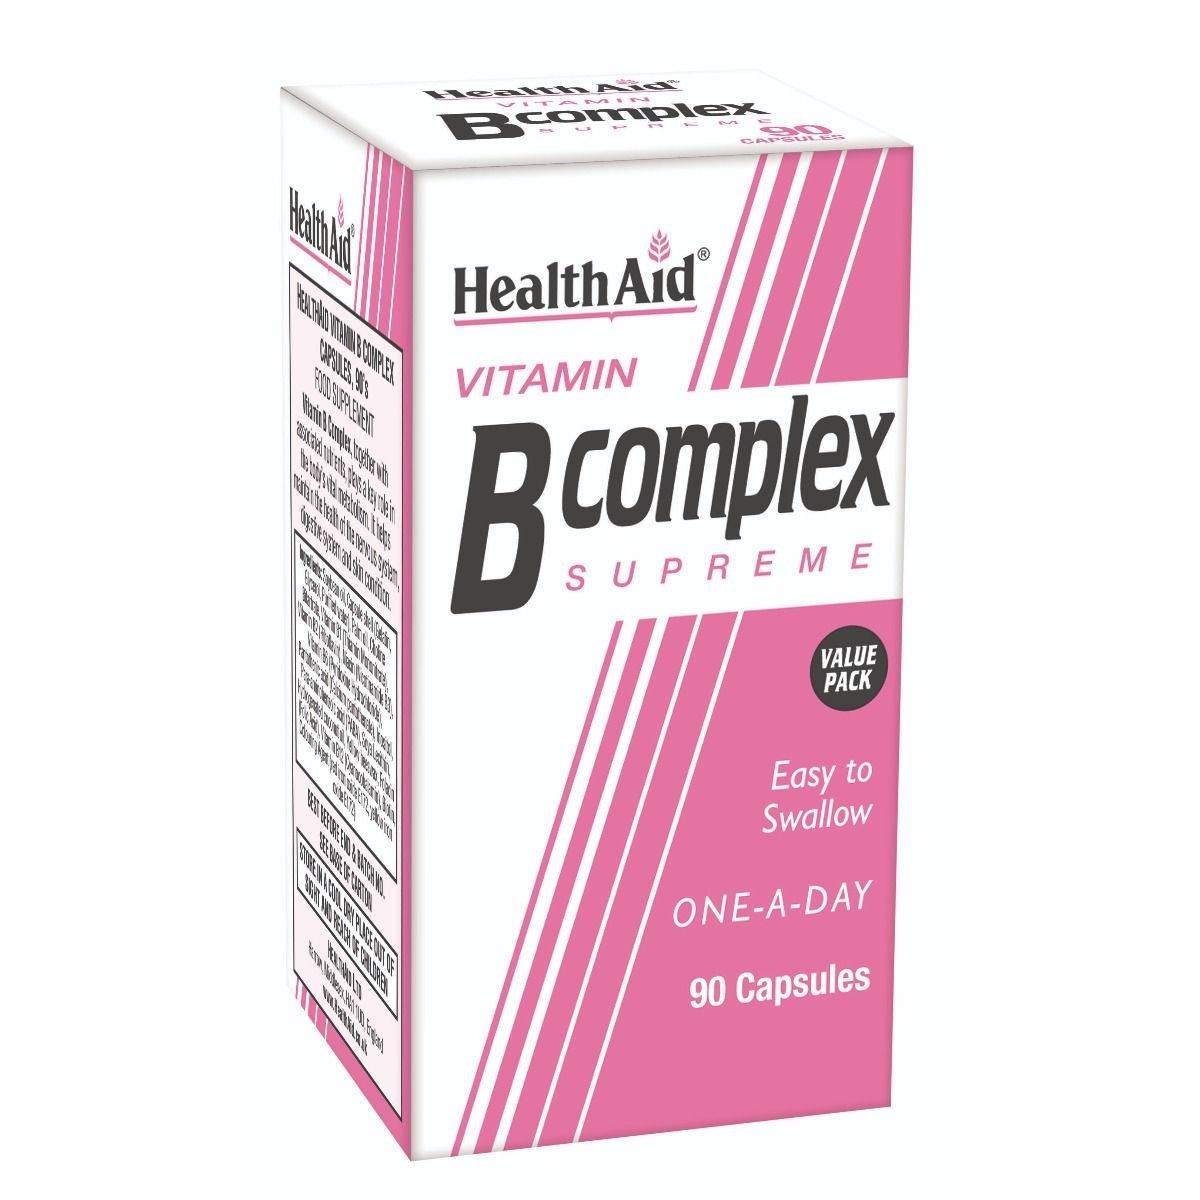 Health Aid Vitamin B Complex Σύμπλεγμα Βιταμινών Β, 90caps